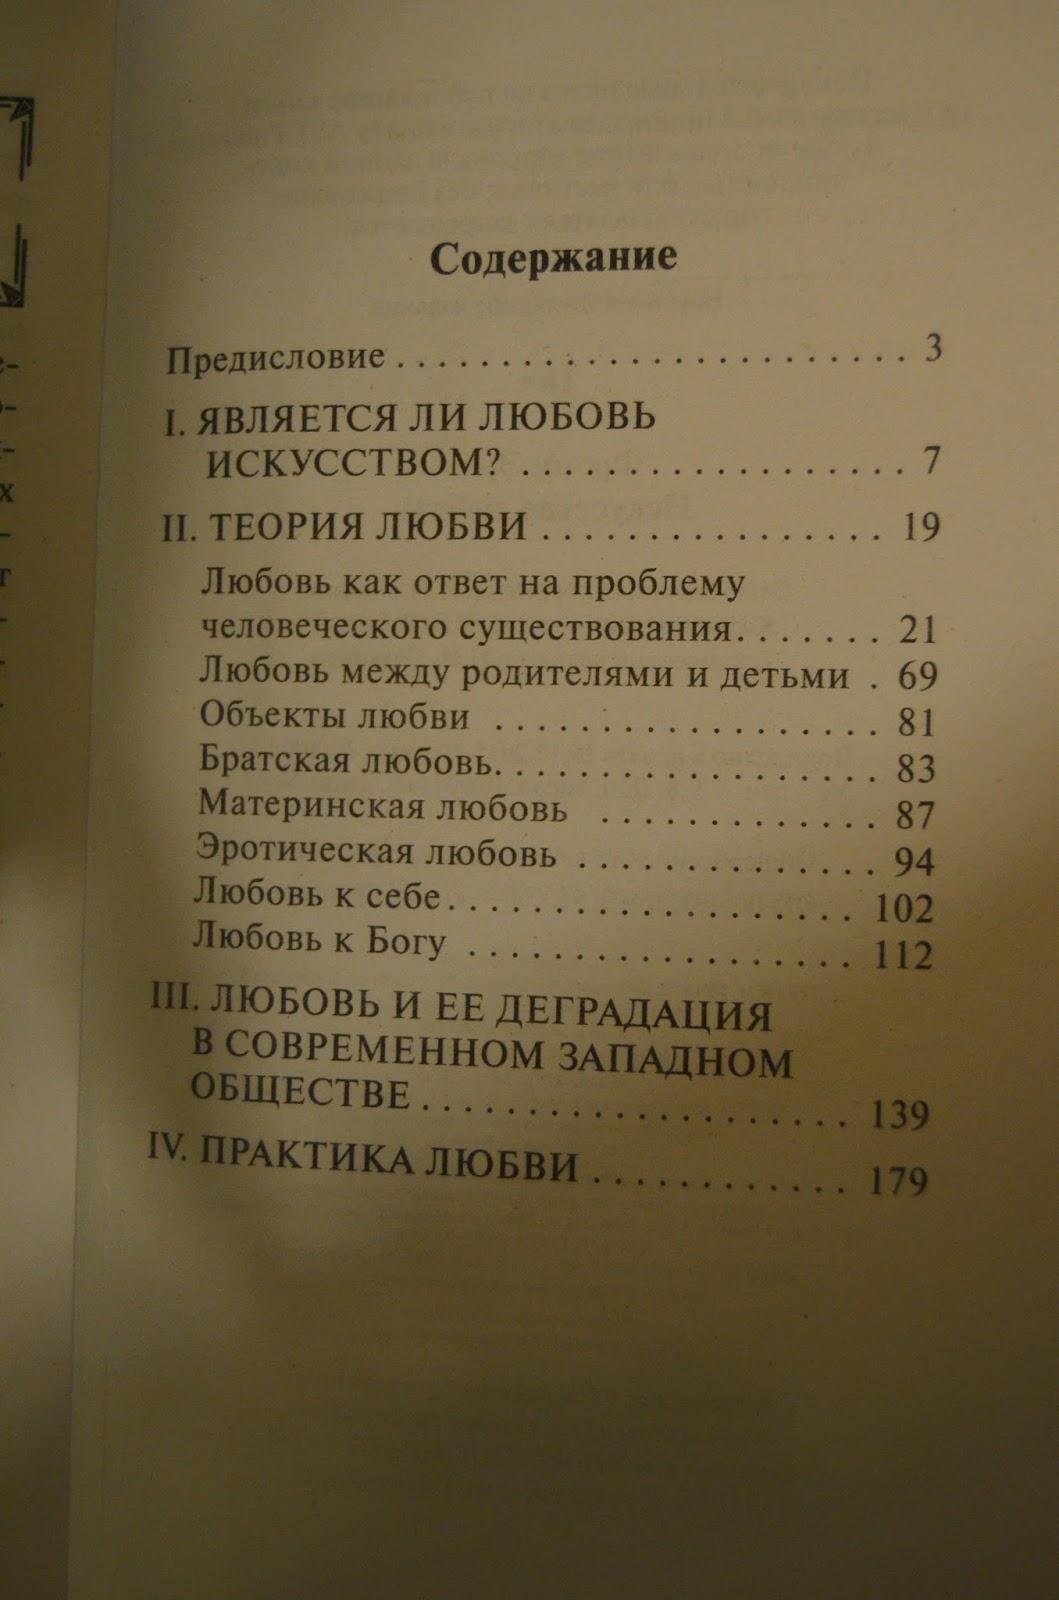 Вопросы и ответы к заданиям части С ЕГЭ по истории 2010